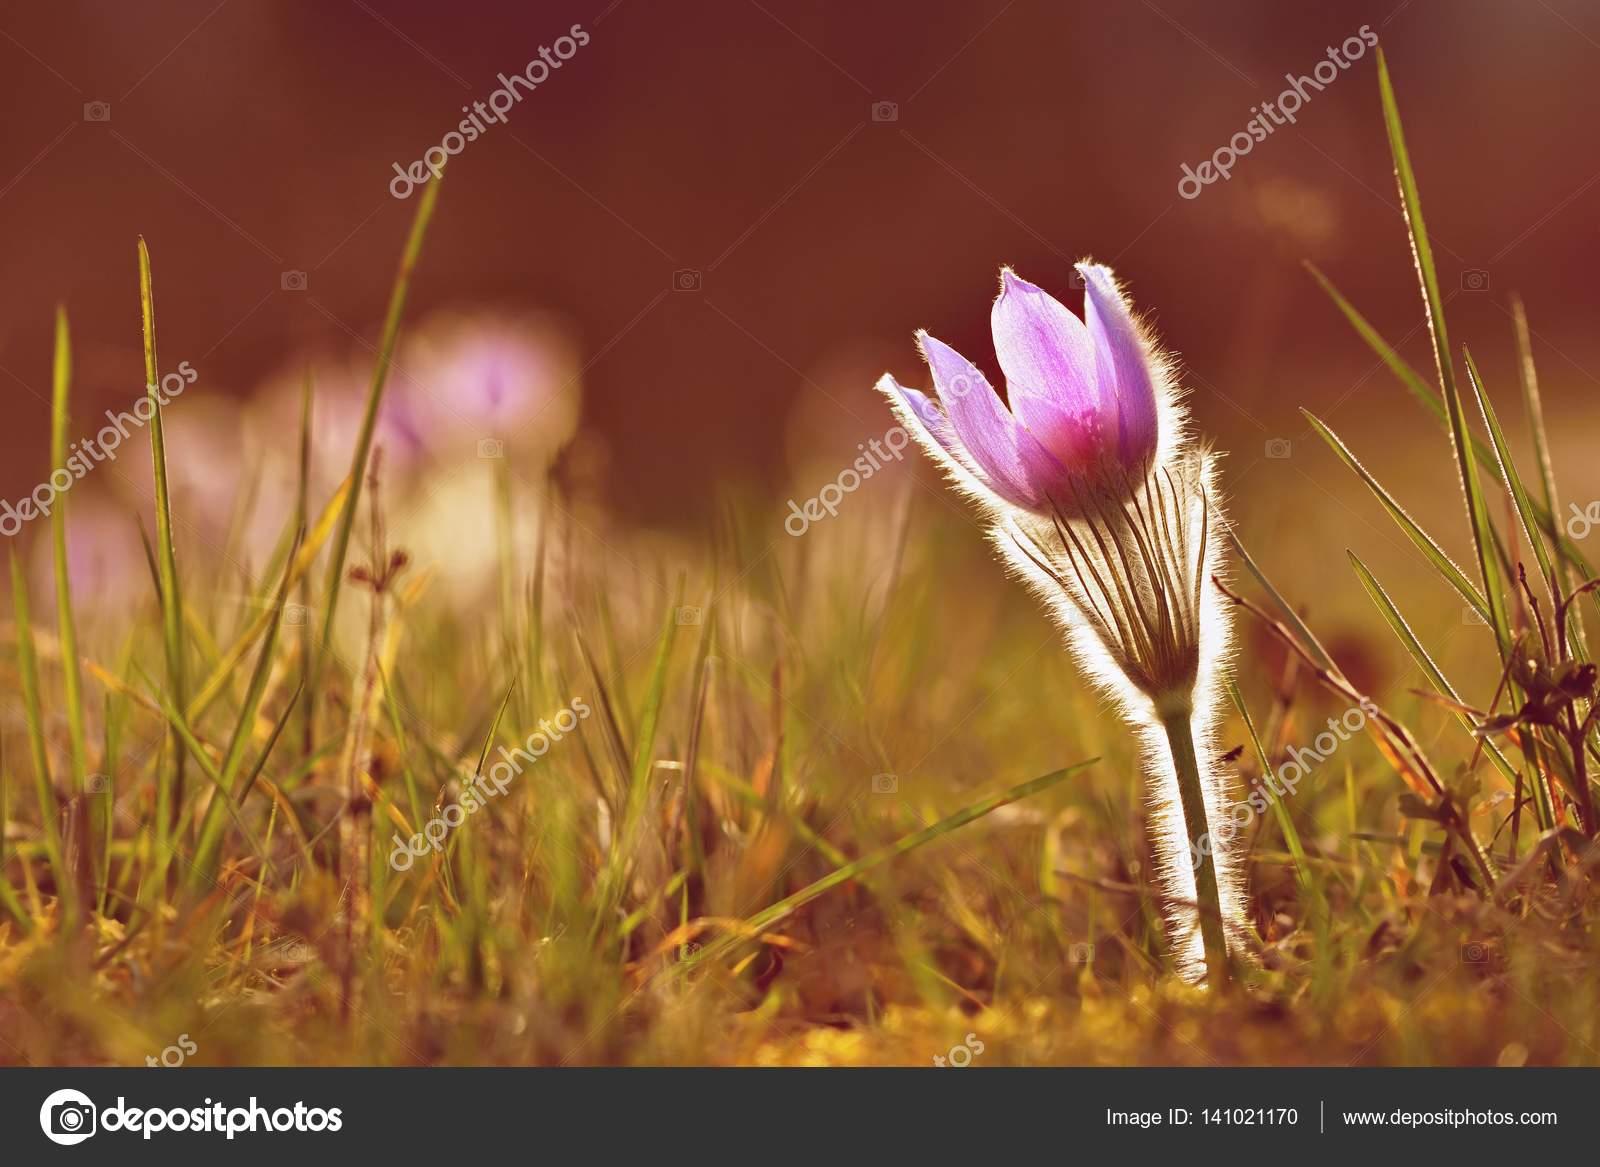 Springtime season beautiful purple flowers blooming in a sunny day beautiful purple flowers blooming in a sunny day with a natural colored izmirmasajfo